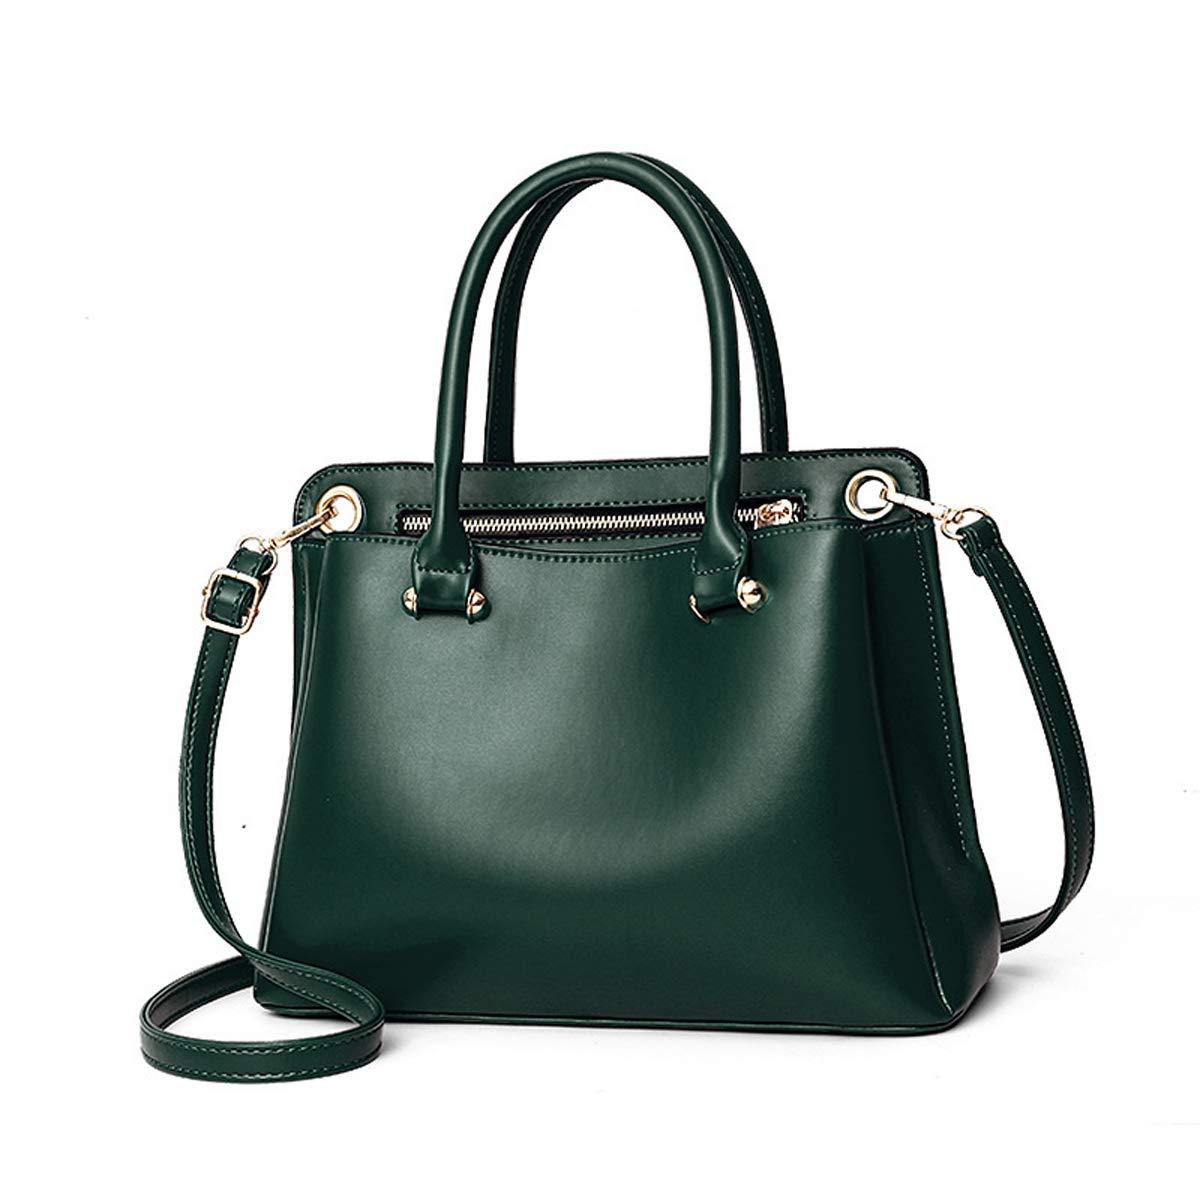 Damentasche Damentasche Damentasche Exull-92086 Handtasche Damen Leder Handtasche Schultertasche lässigen Tasche Handtasche Elegant B07MWVCSHY Henkeltaschen Umweltfreundlich 7d4d4d